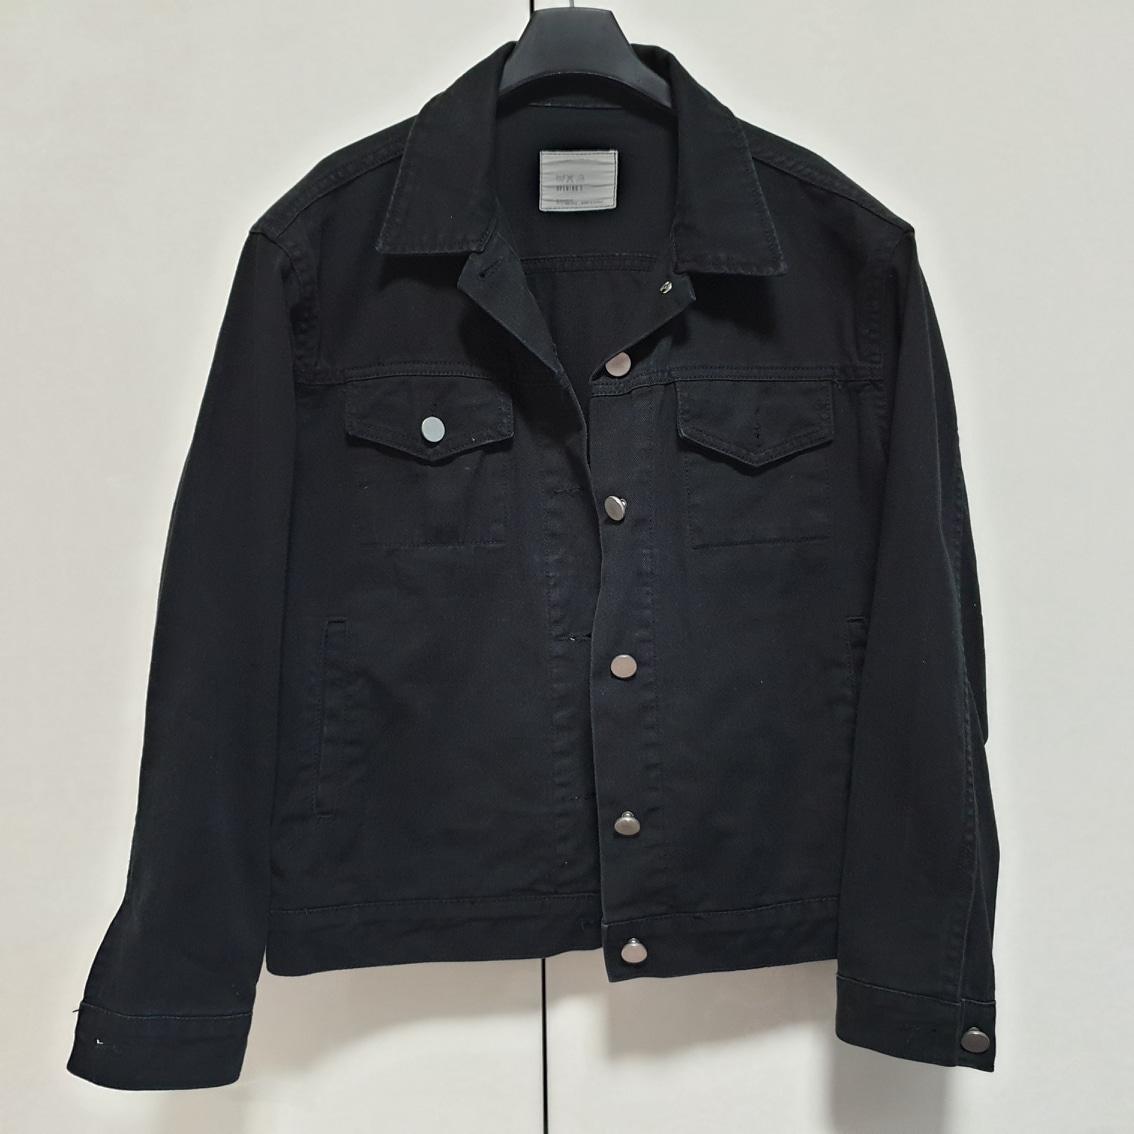 블랙데님 숏 자켓~봄가을에 걸쳐입기좋아요